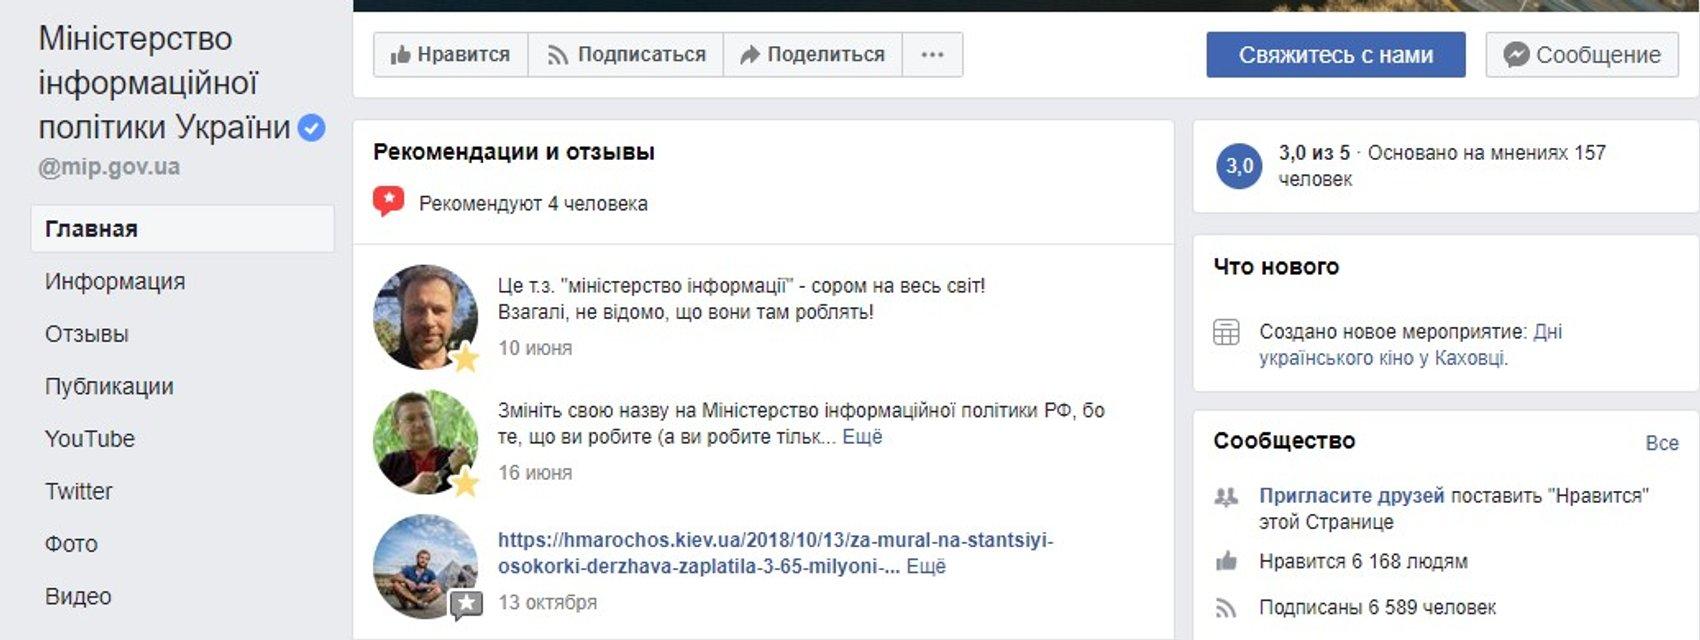 Звезда российской пропаганды оказался работником Минстеця - фото 157438